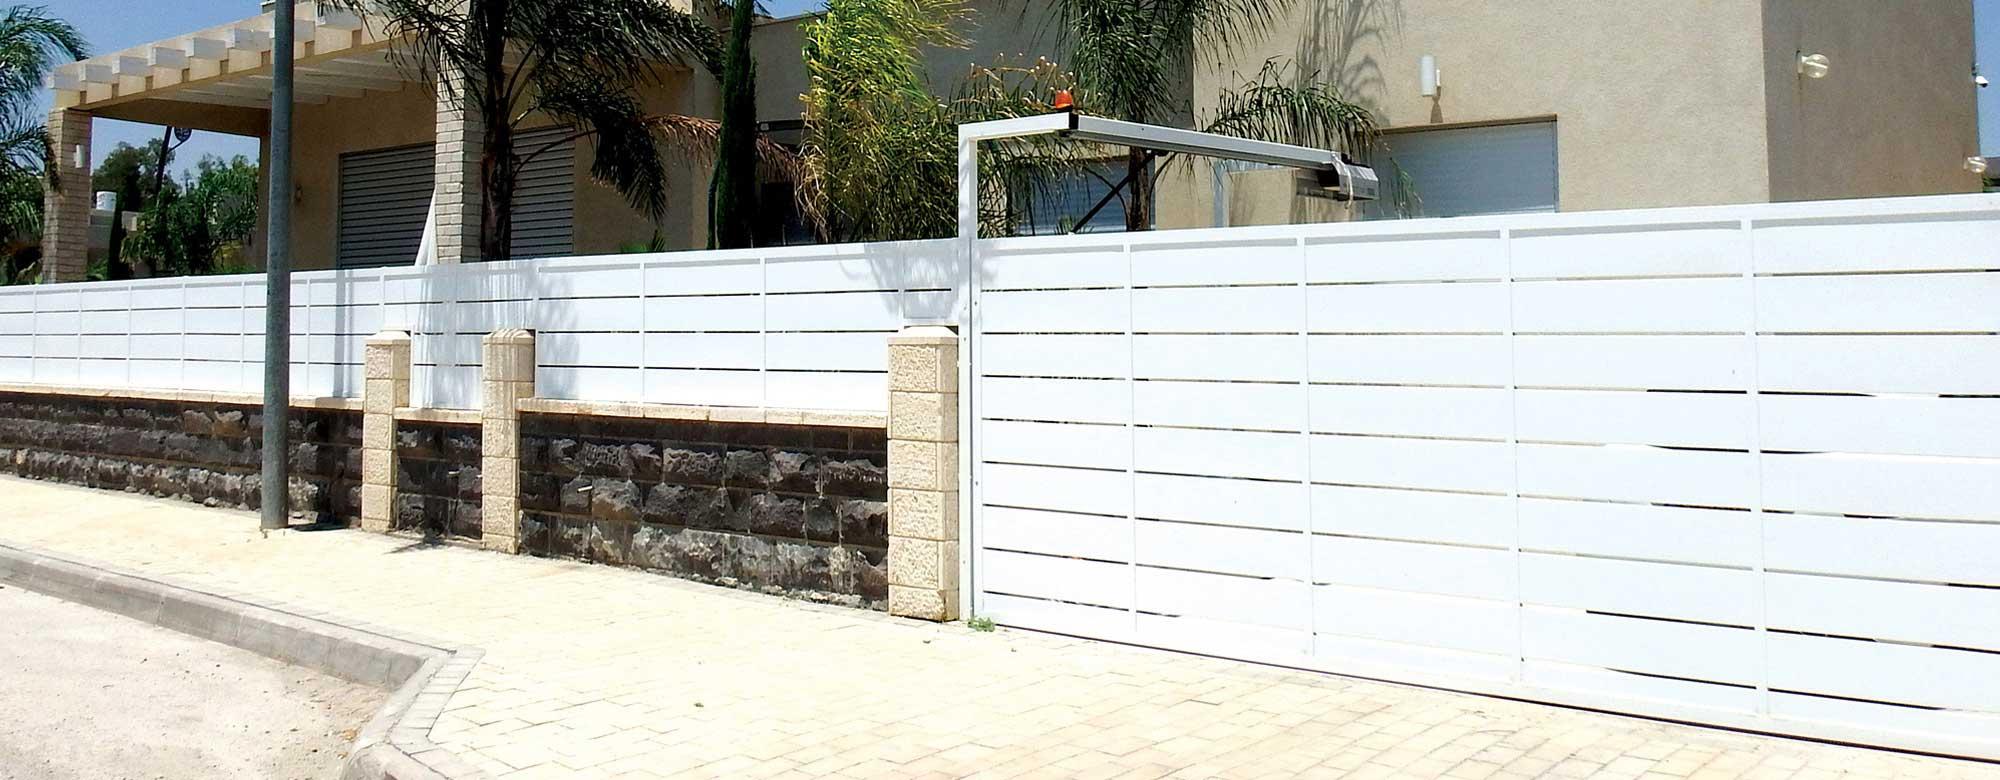 גדרות ושערים תואמים של חברת טרלידור